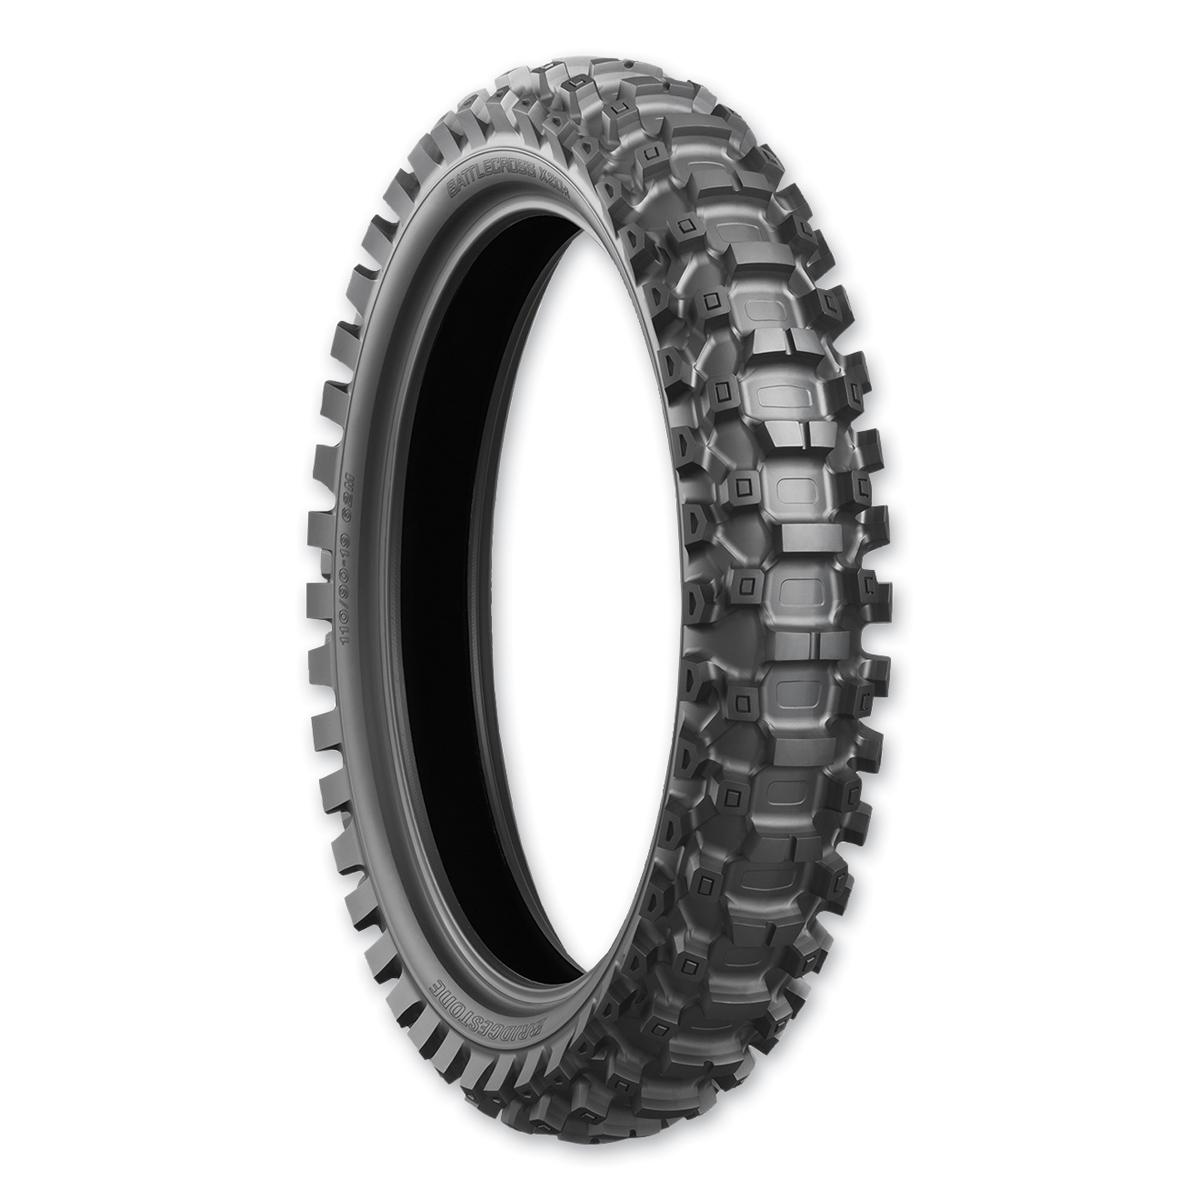 Bridgestone Battlecross X20 110/100-18 S/T Rear Tire